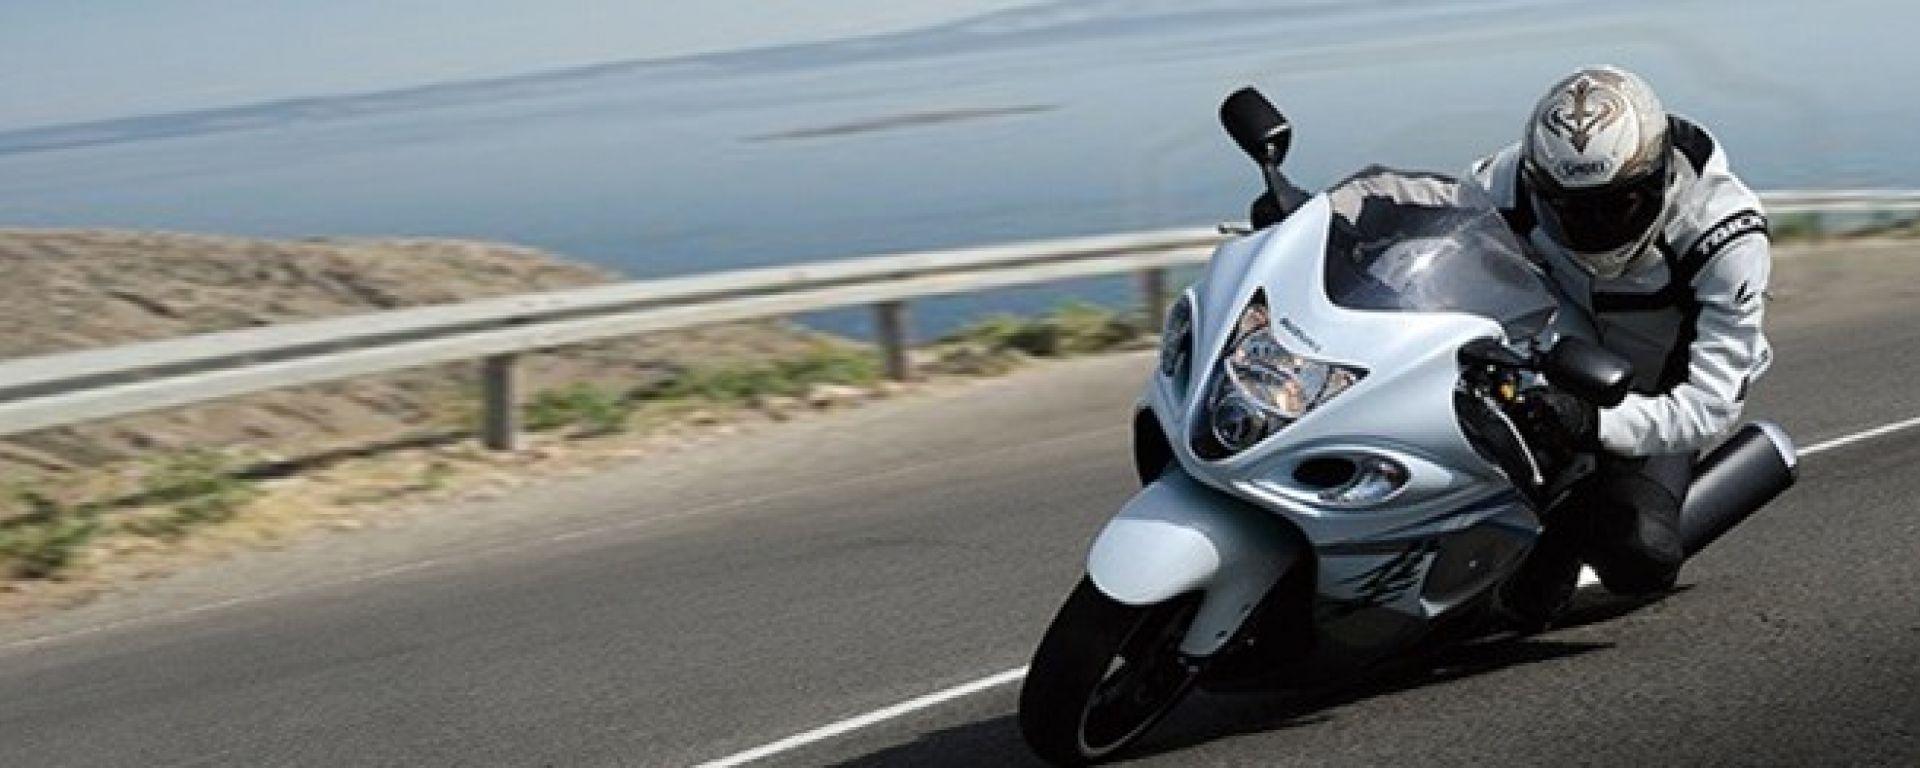 Moto Euro3, quale comprare? Magari una Suzuki Hayabusa